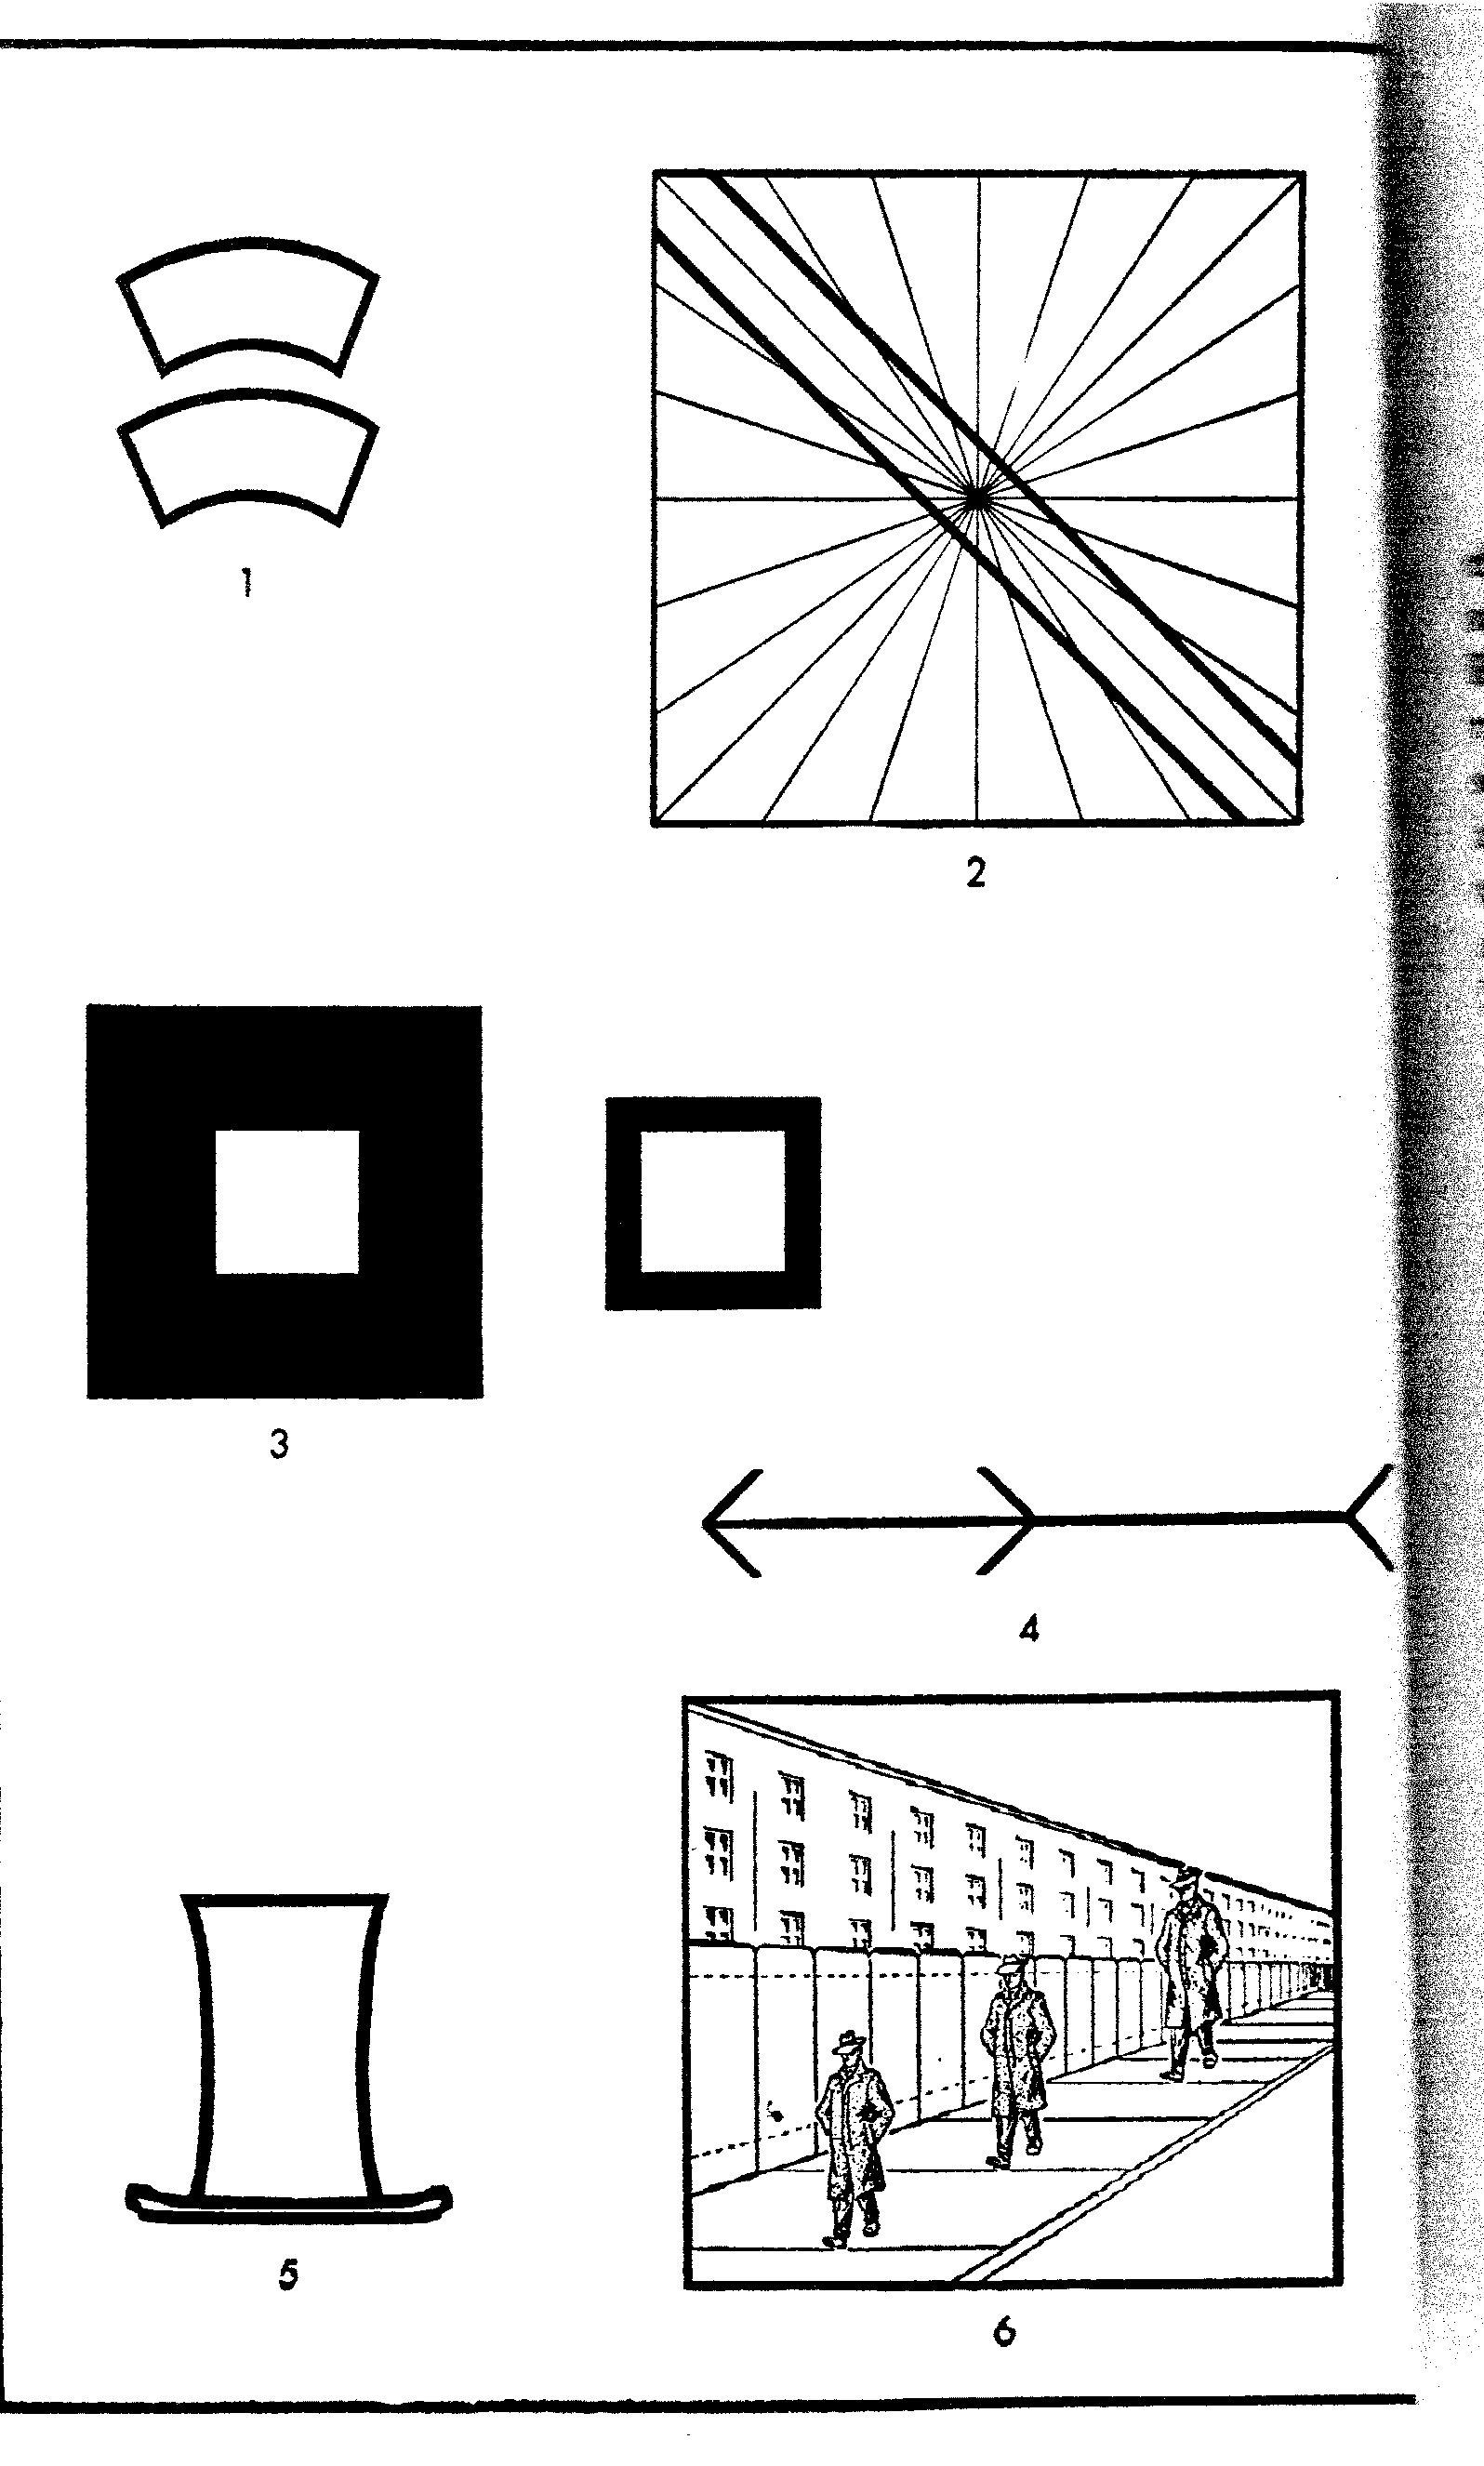 Optic Strategy Worksheet